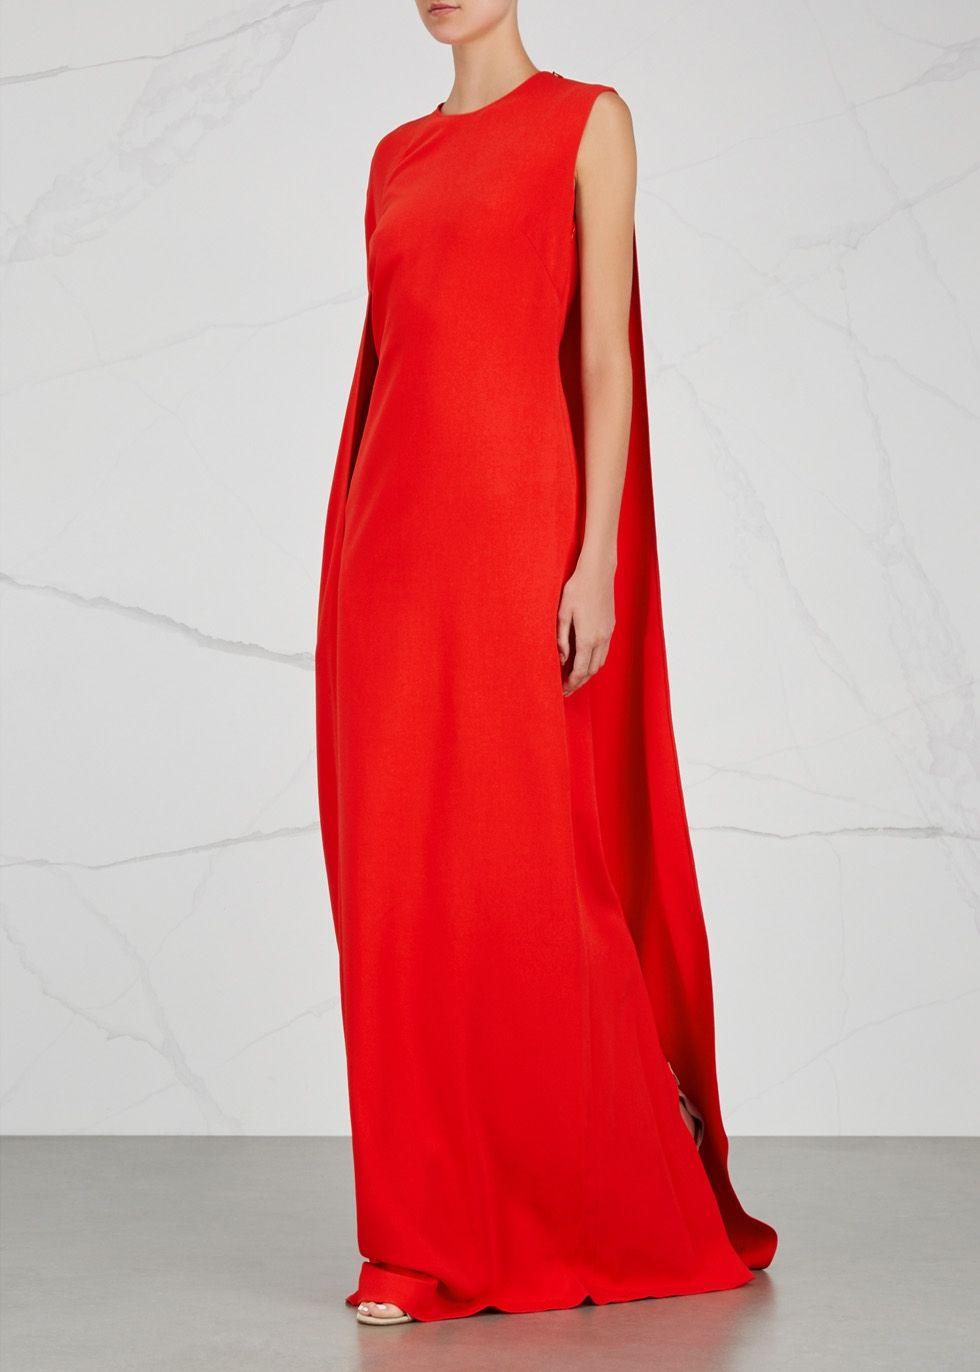 39b7e3e6dec48 Stella McCartney Cecilia bright red cape-effect gown | Vegas ...